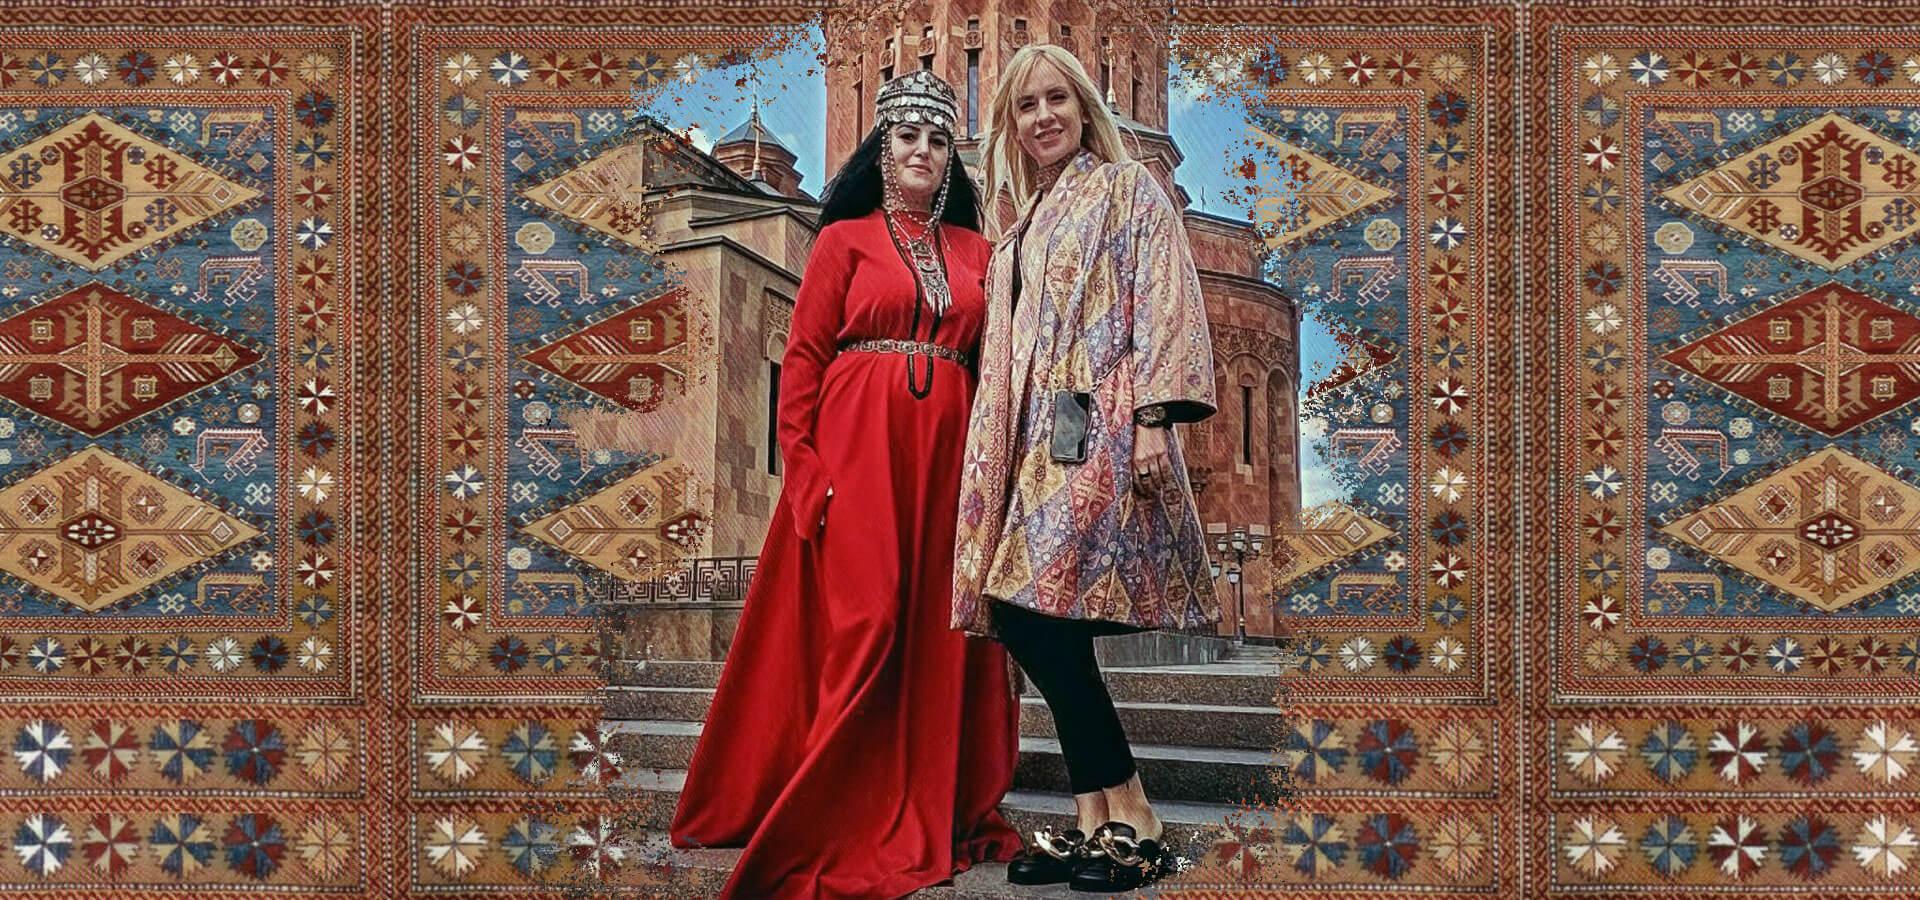 Armenische Muster mit zwei Frauen in der Mitte in armenischen Kleidern